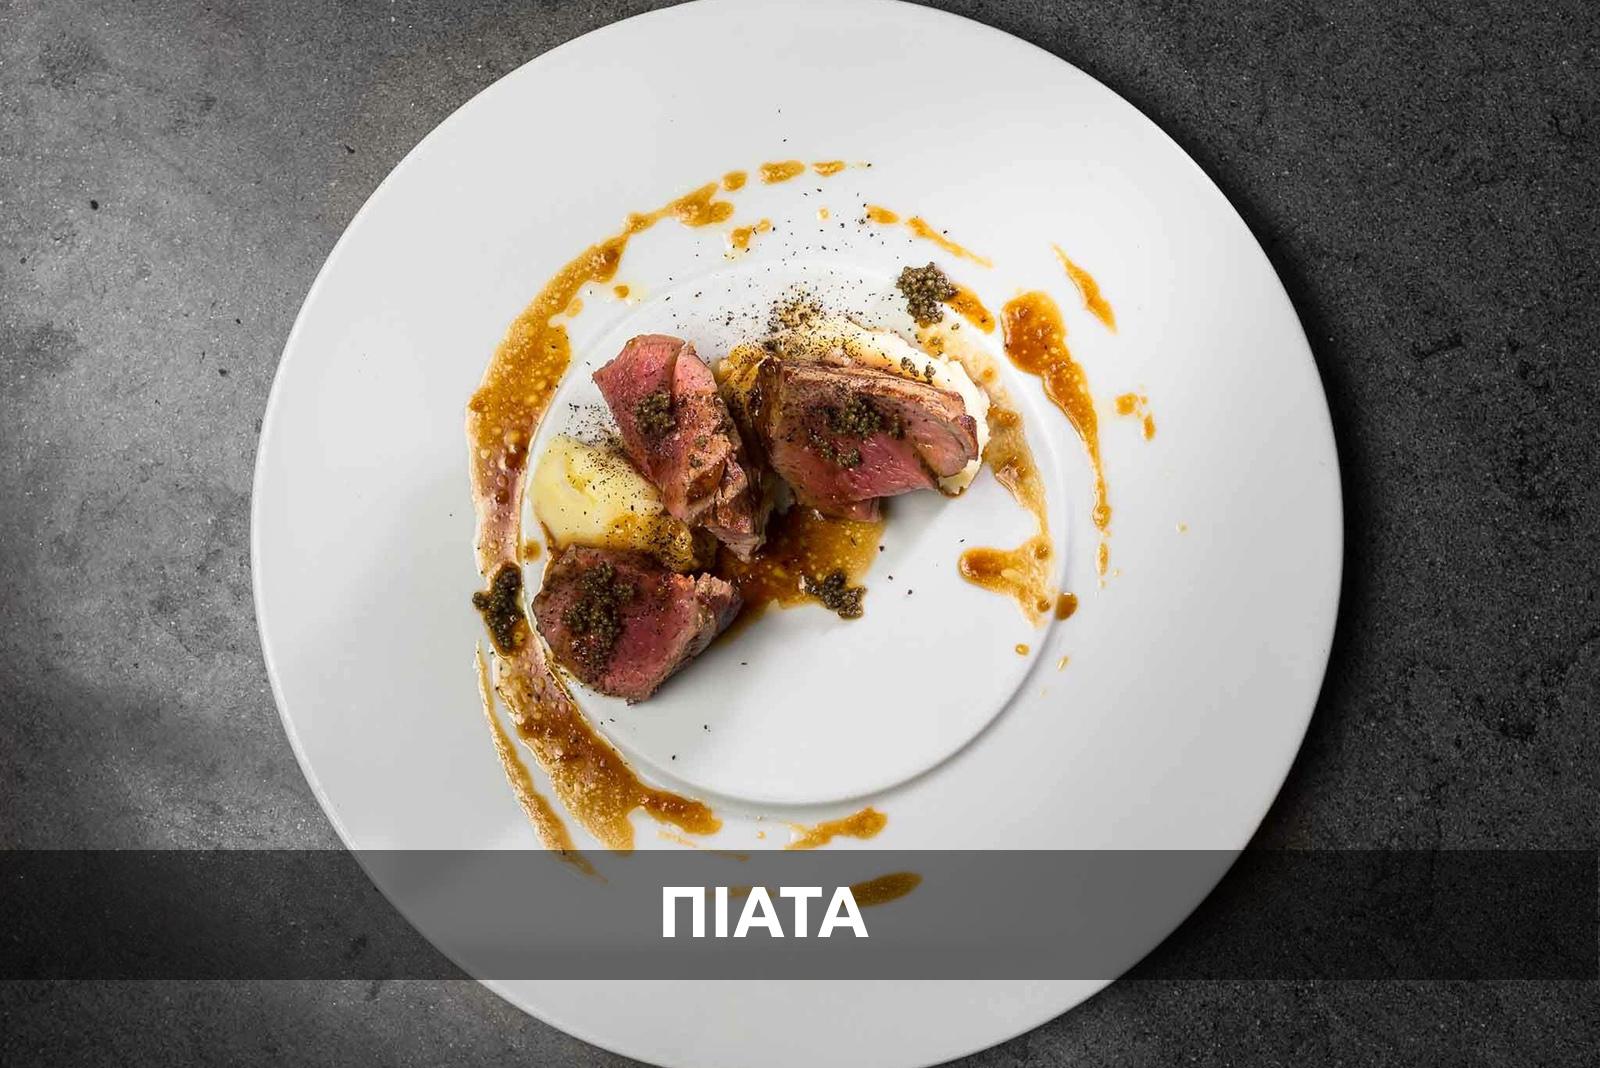 piata-title-first